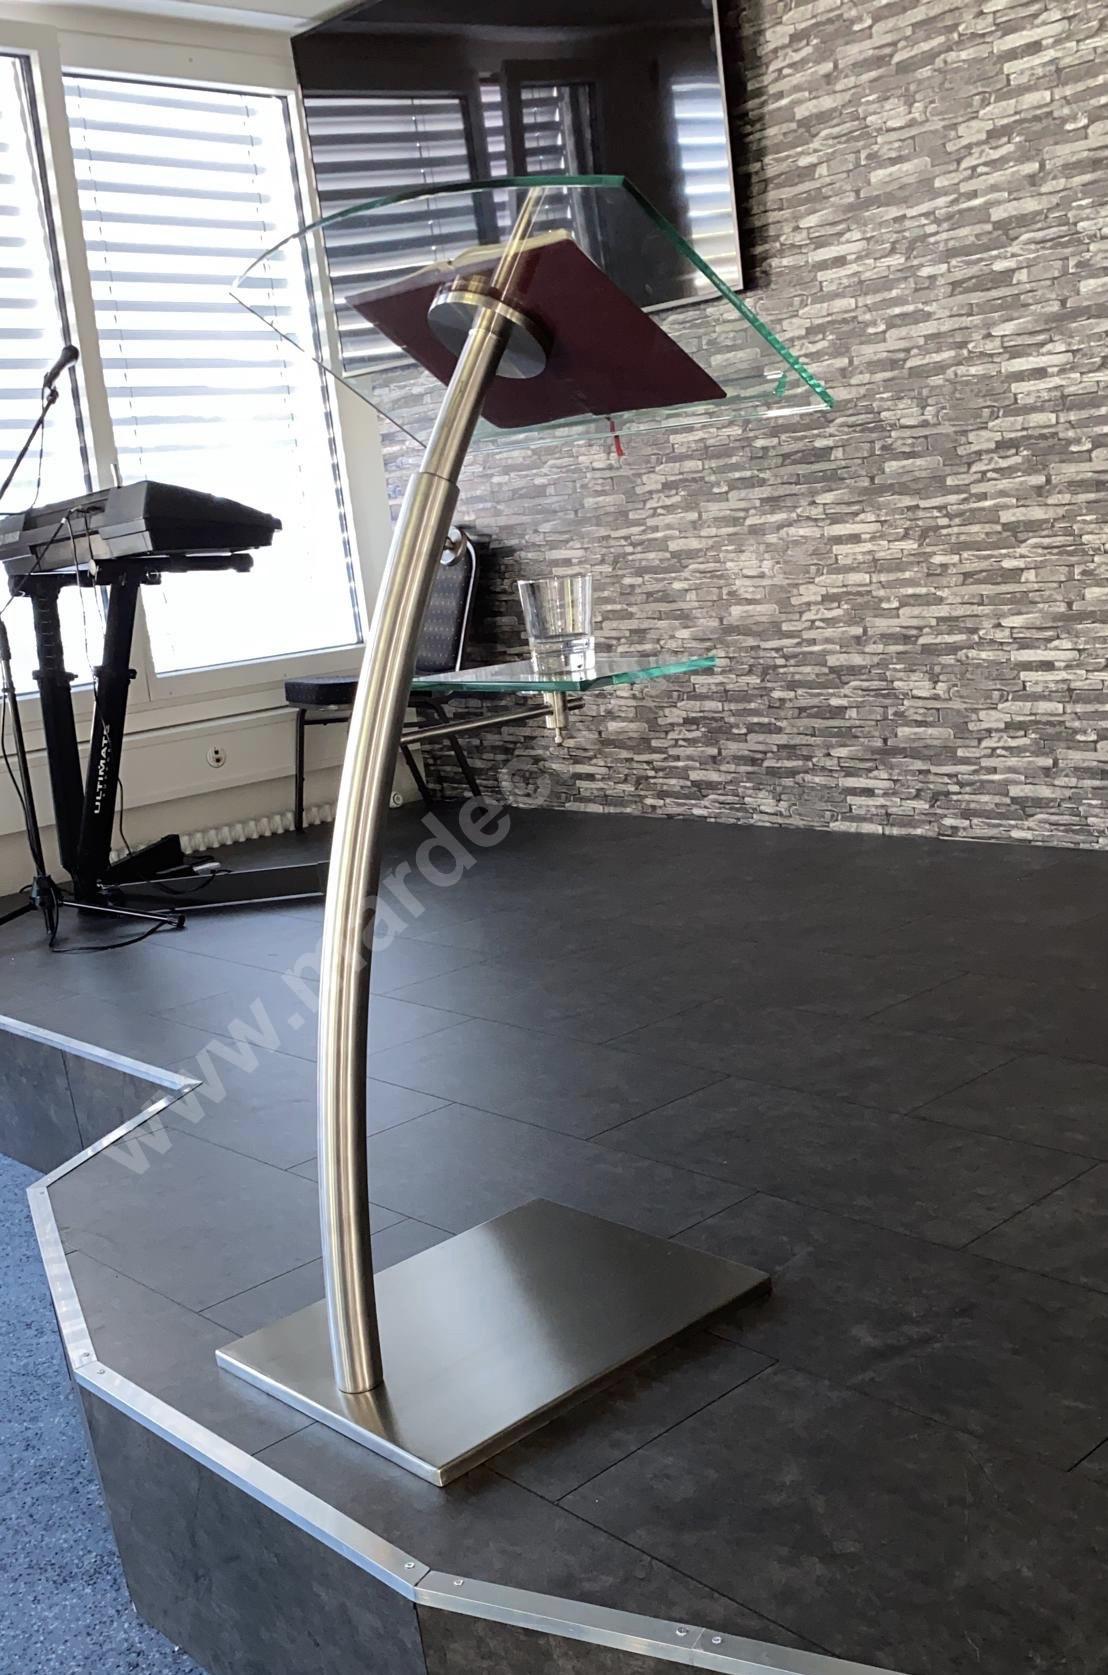 atril-de-acero-pulpito-diseño-de-mar-de-cristal-1